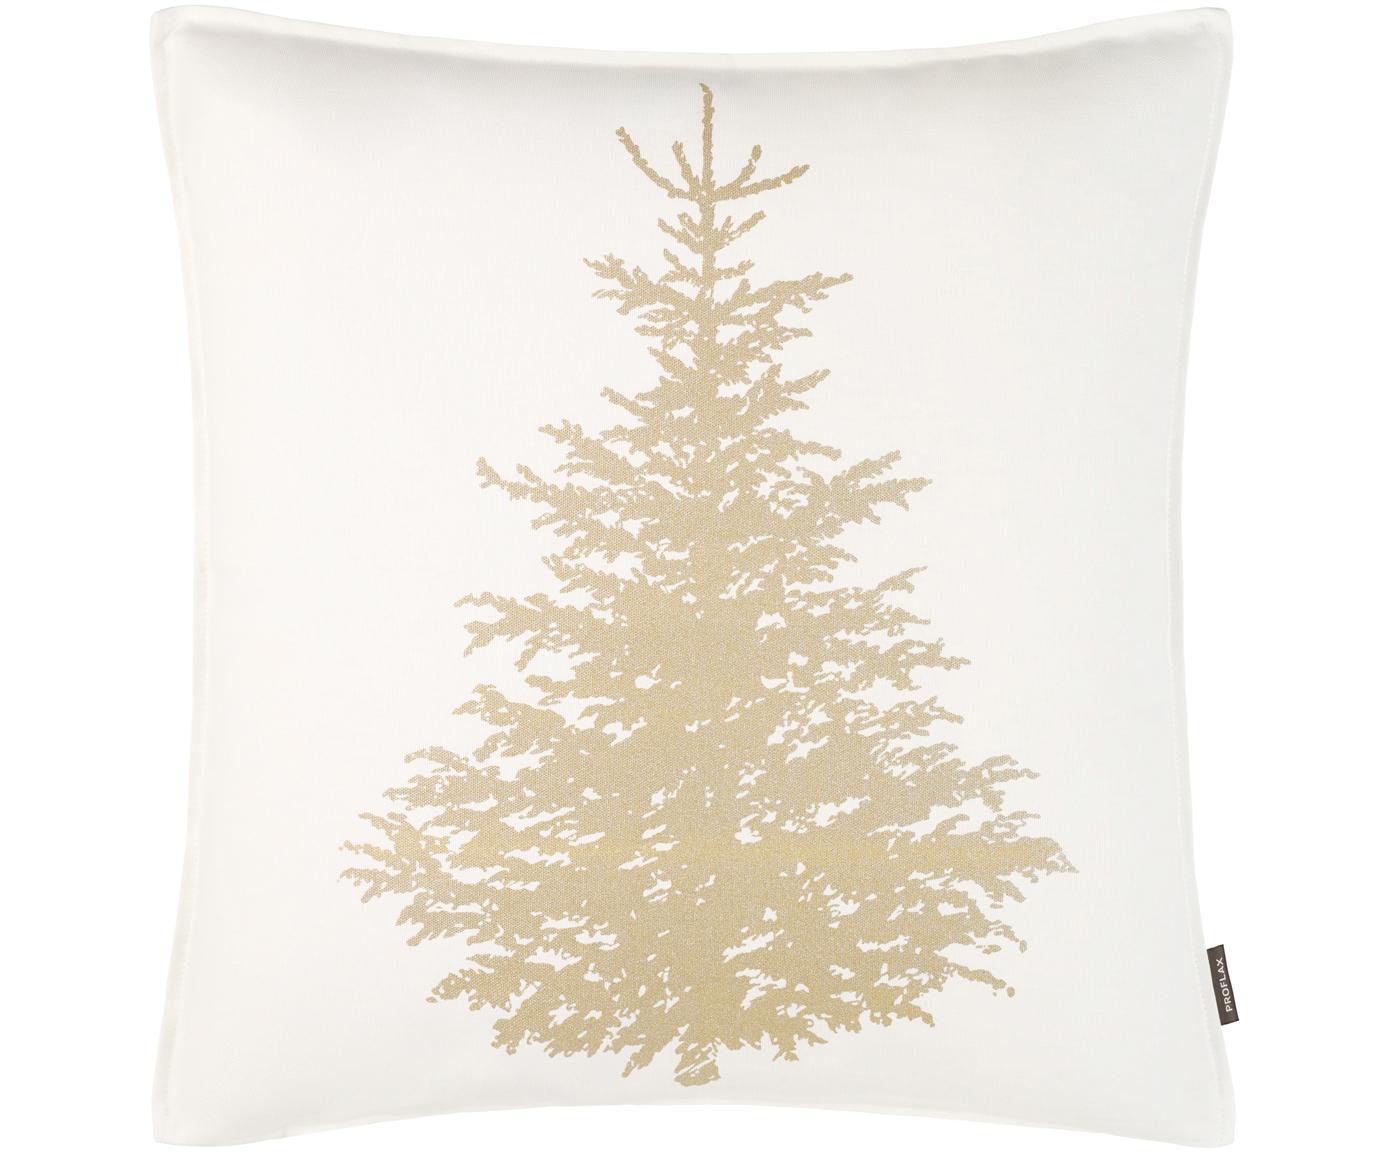 Kussenhoes Norton met gouden dennenboom, Katoen, Wit, goudkleurig, 50 x 50 cm